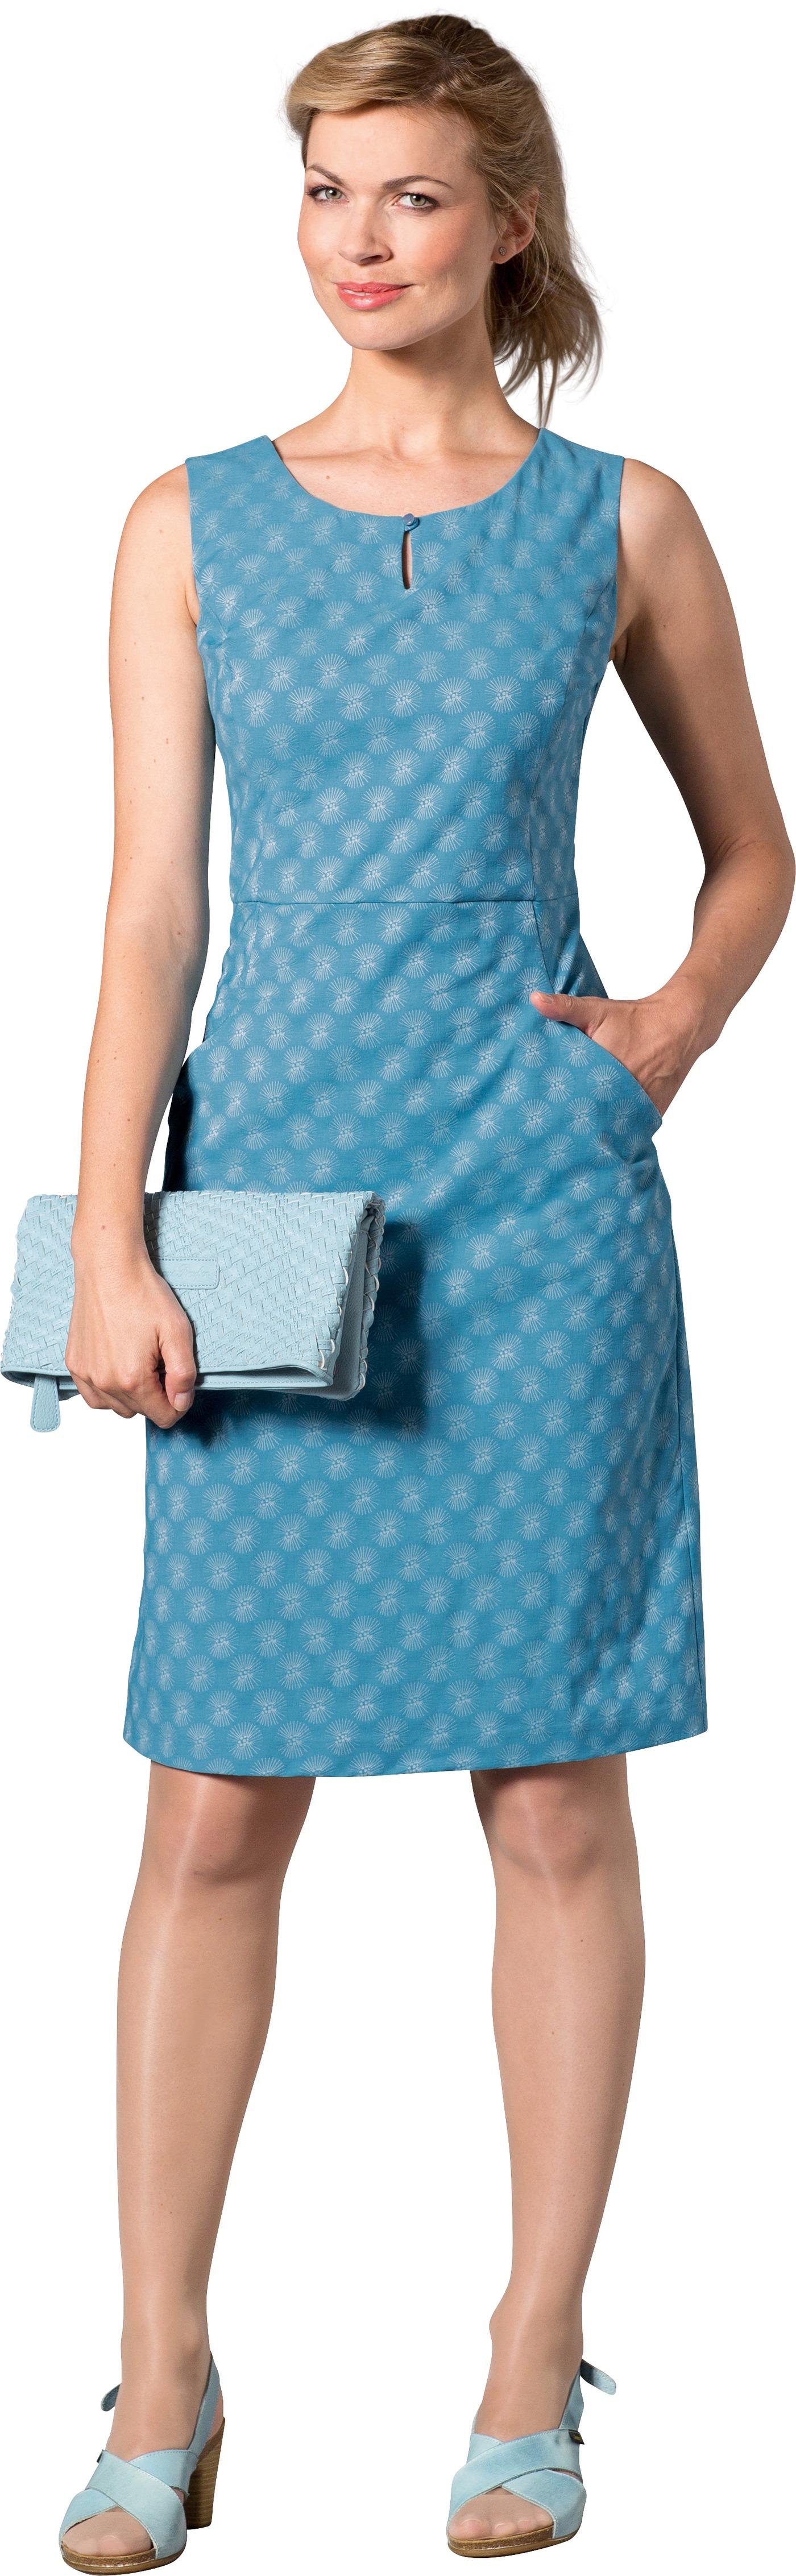 Kleid Fabienne in 13 Längen-Kleider in Kurzgröße-Röcke & Kleider